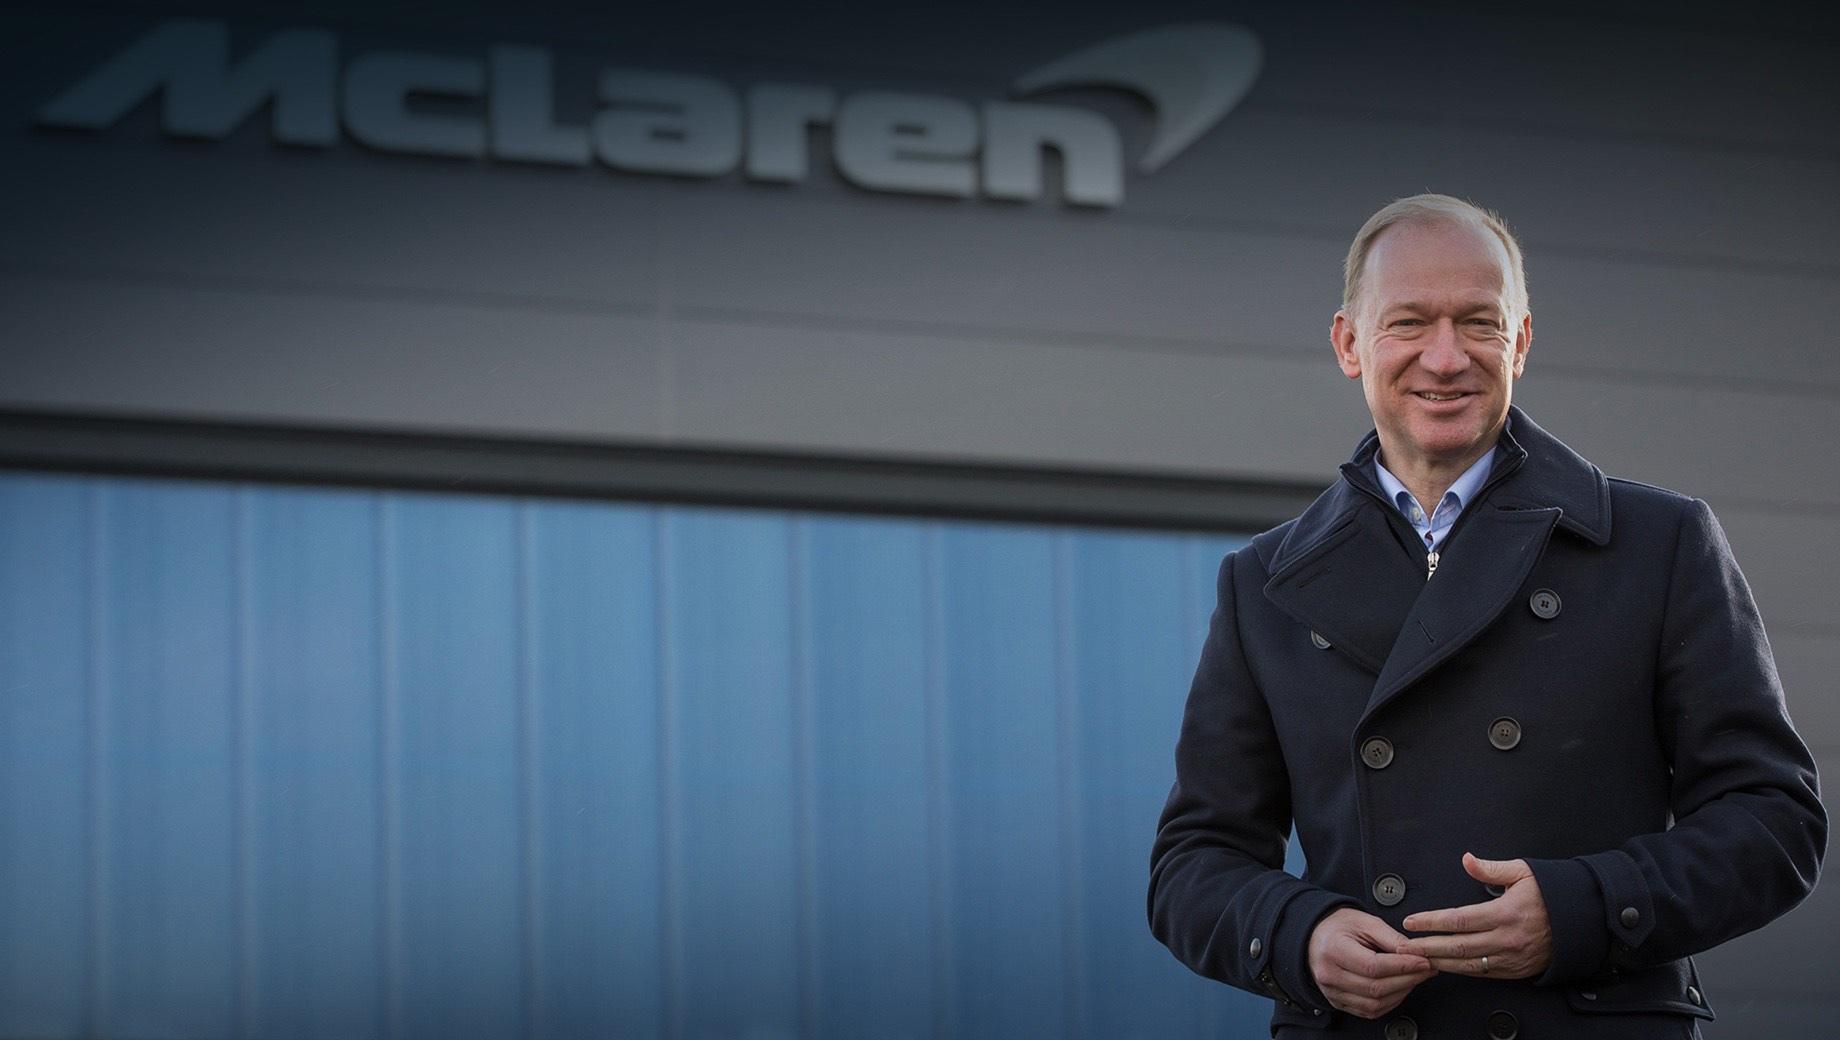 Фирма McLaren Automotive начала поиски нового гендиректора